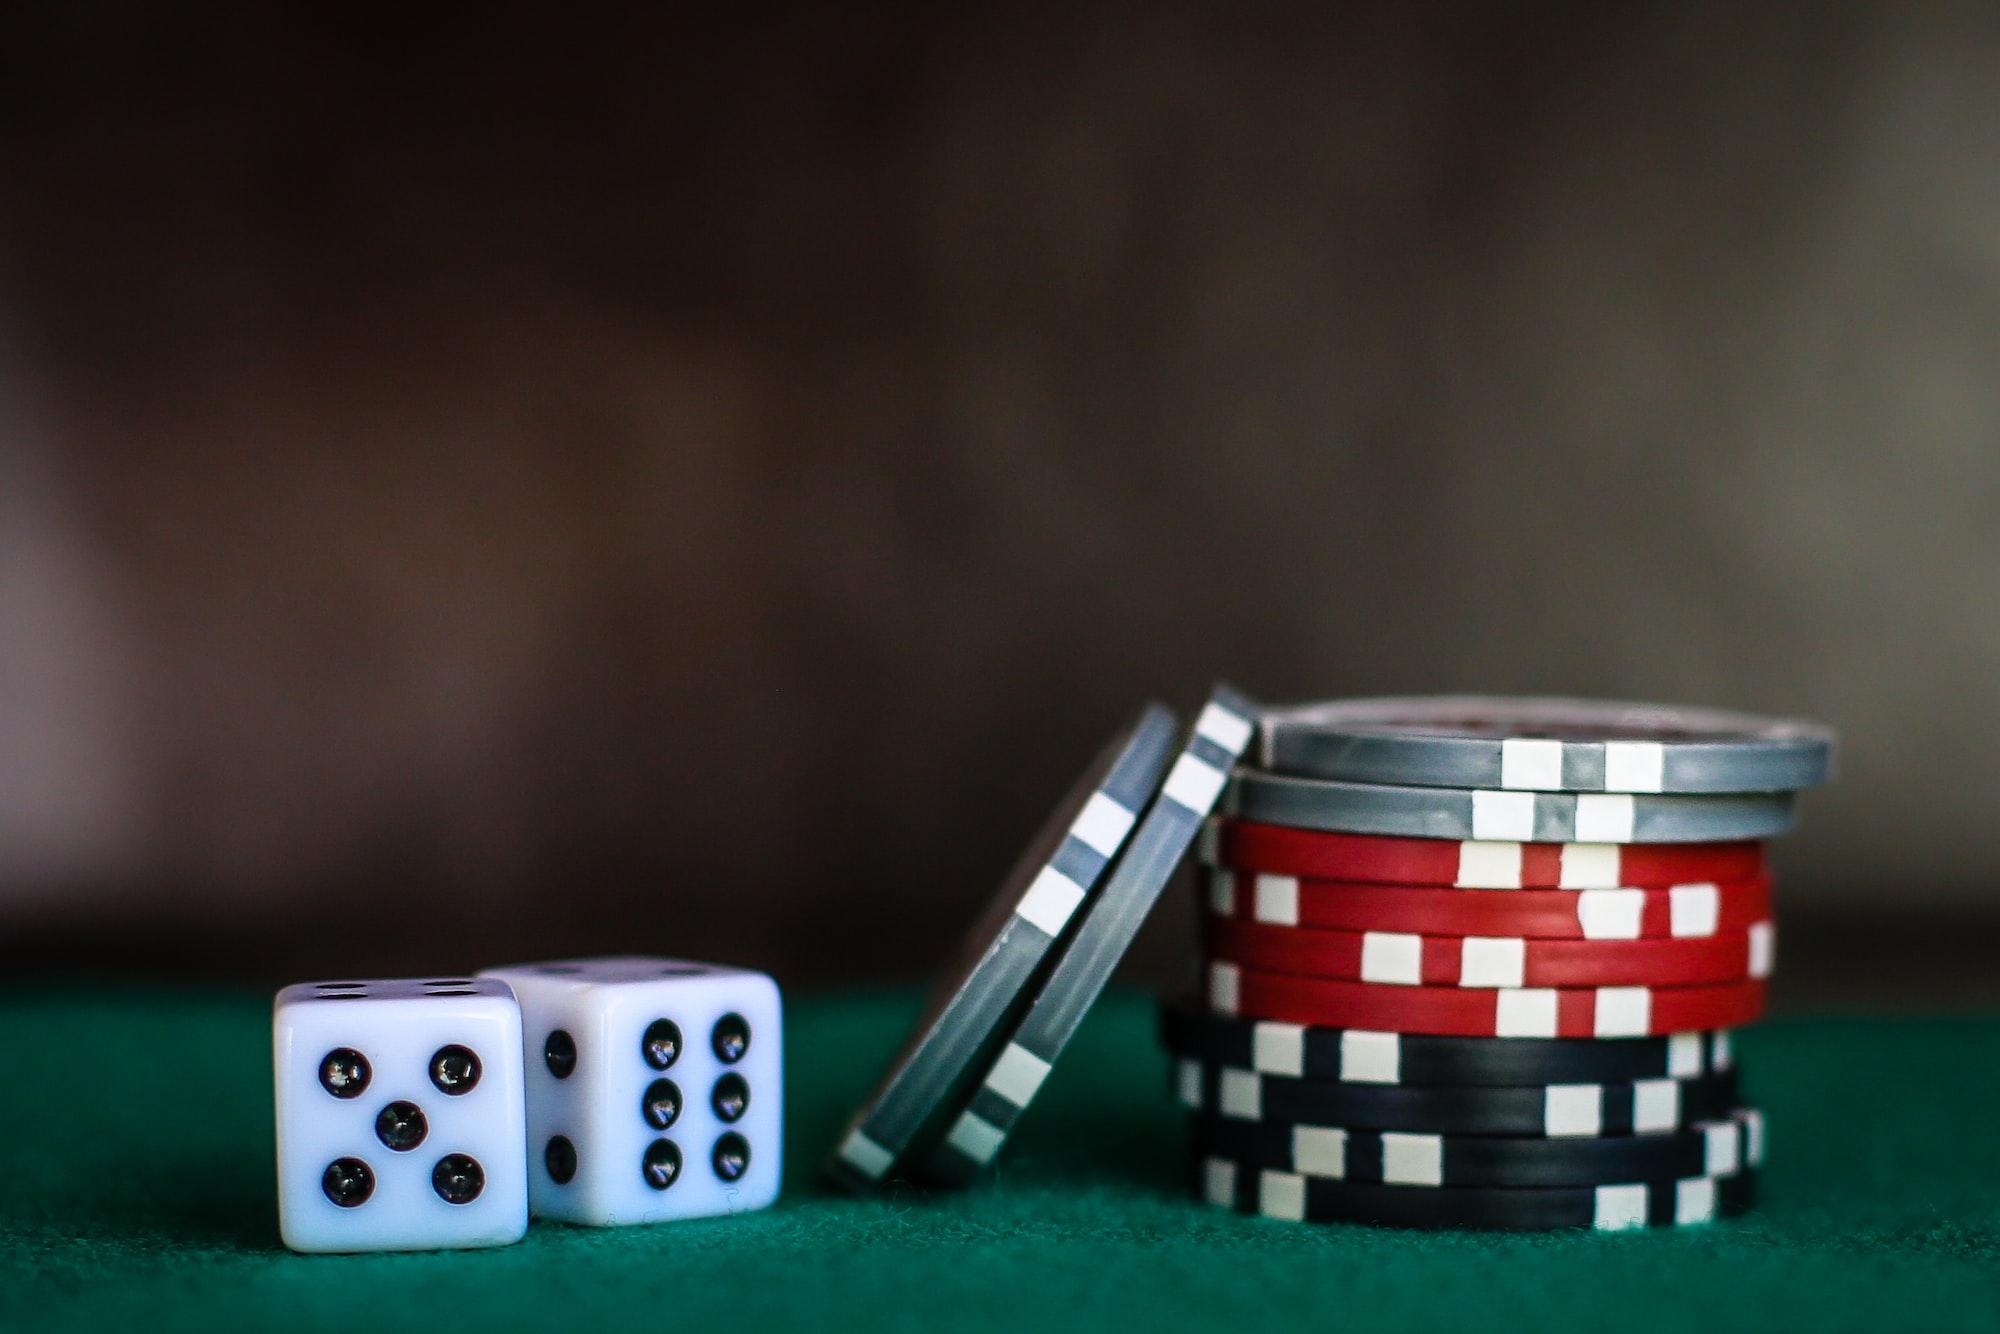 Estrazioni Lotto, Superenalotto e 10eLotto 01/07/21: i numeri vincenti